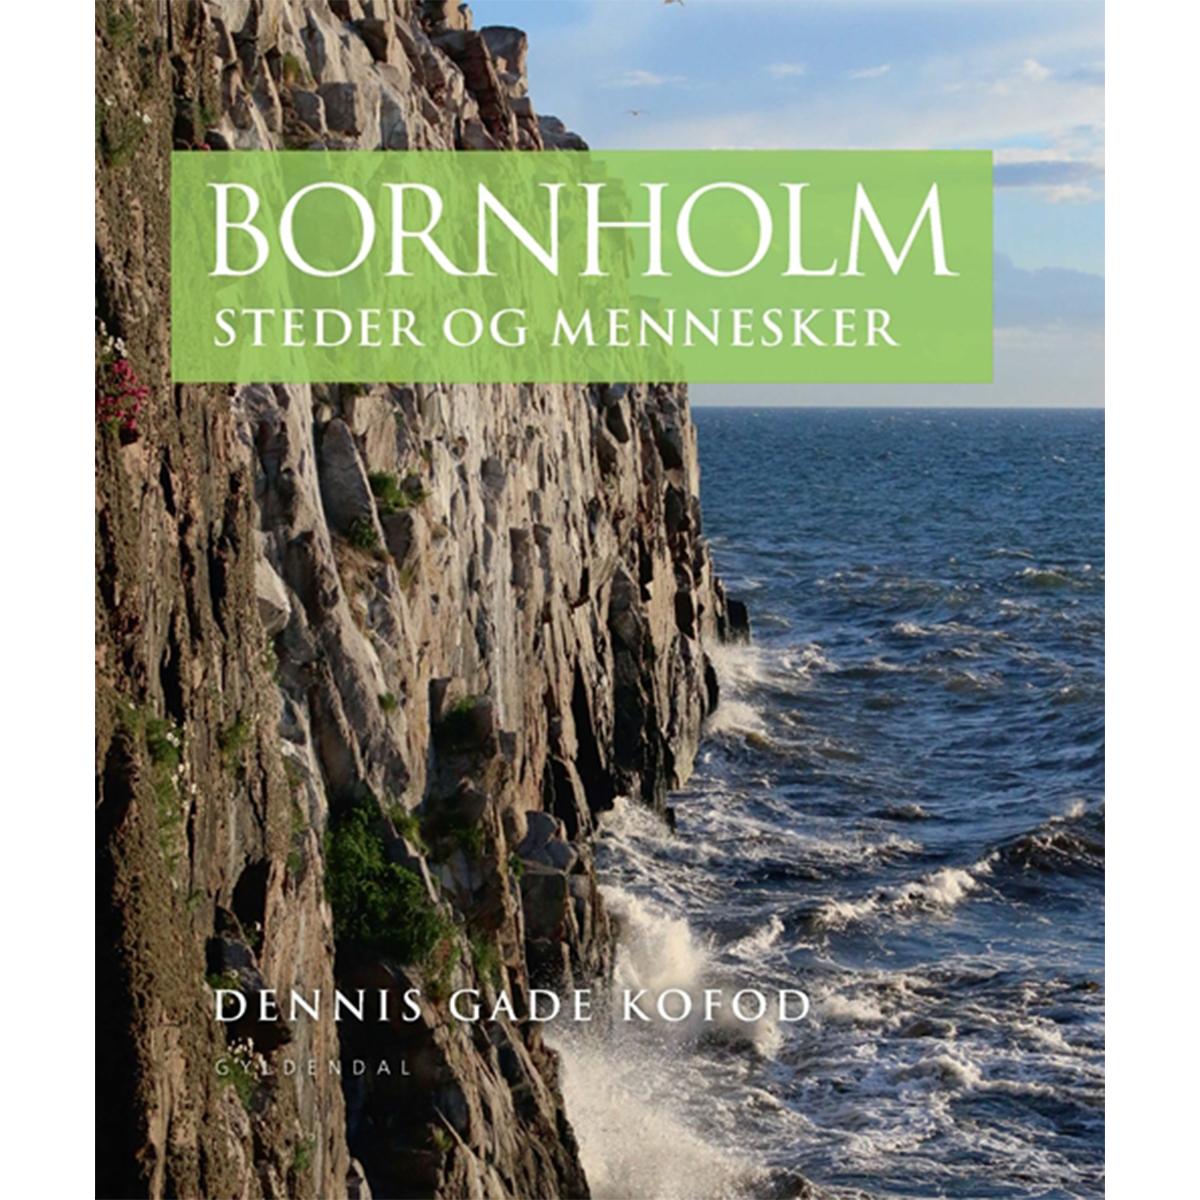 Billede af Bornholm - steder og mennesker - Indbundet